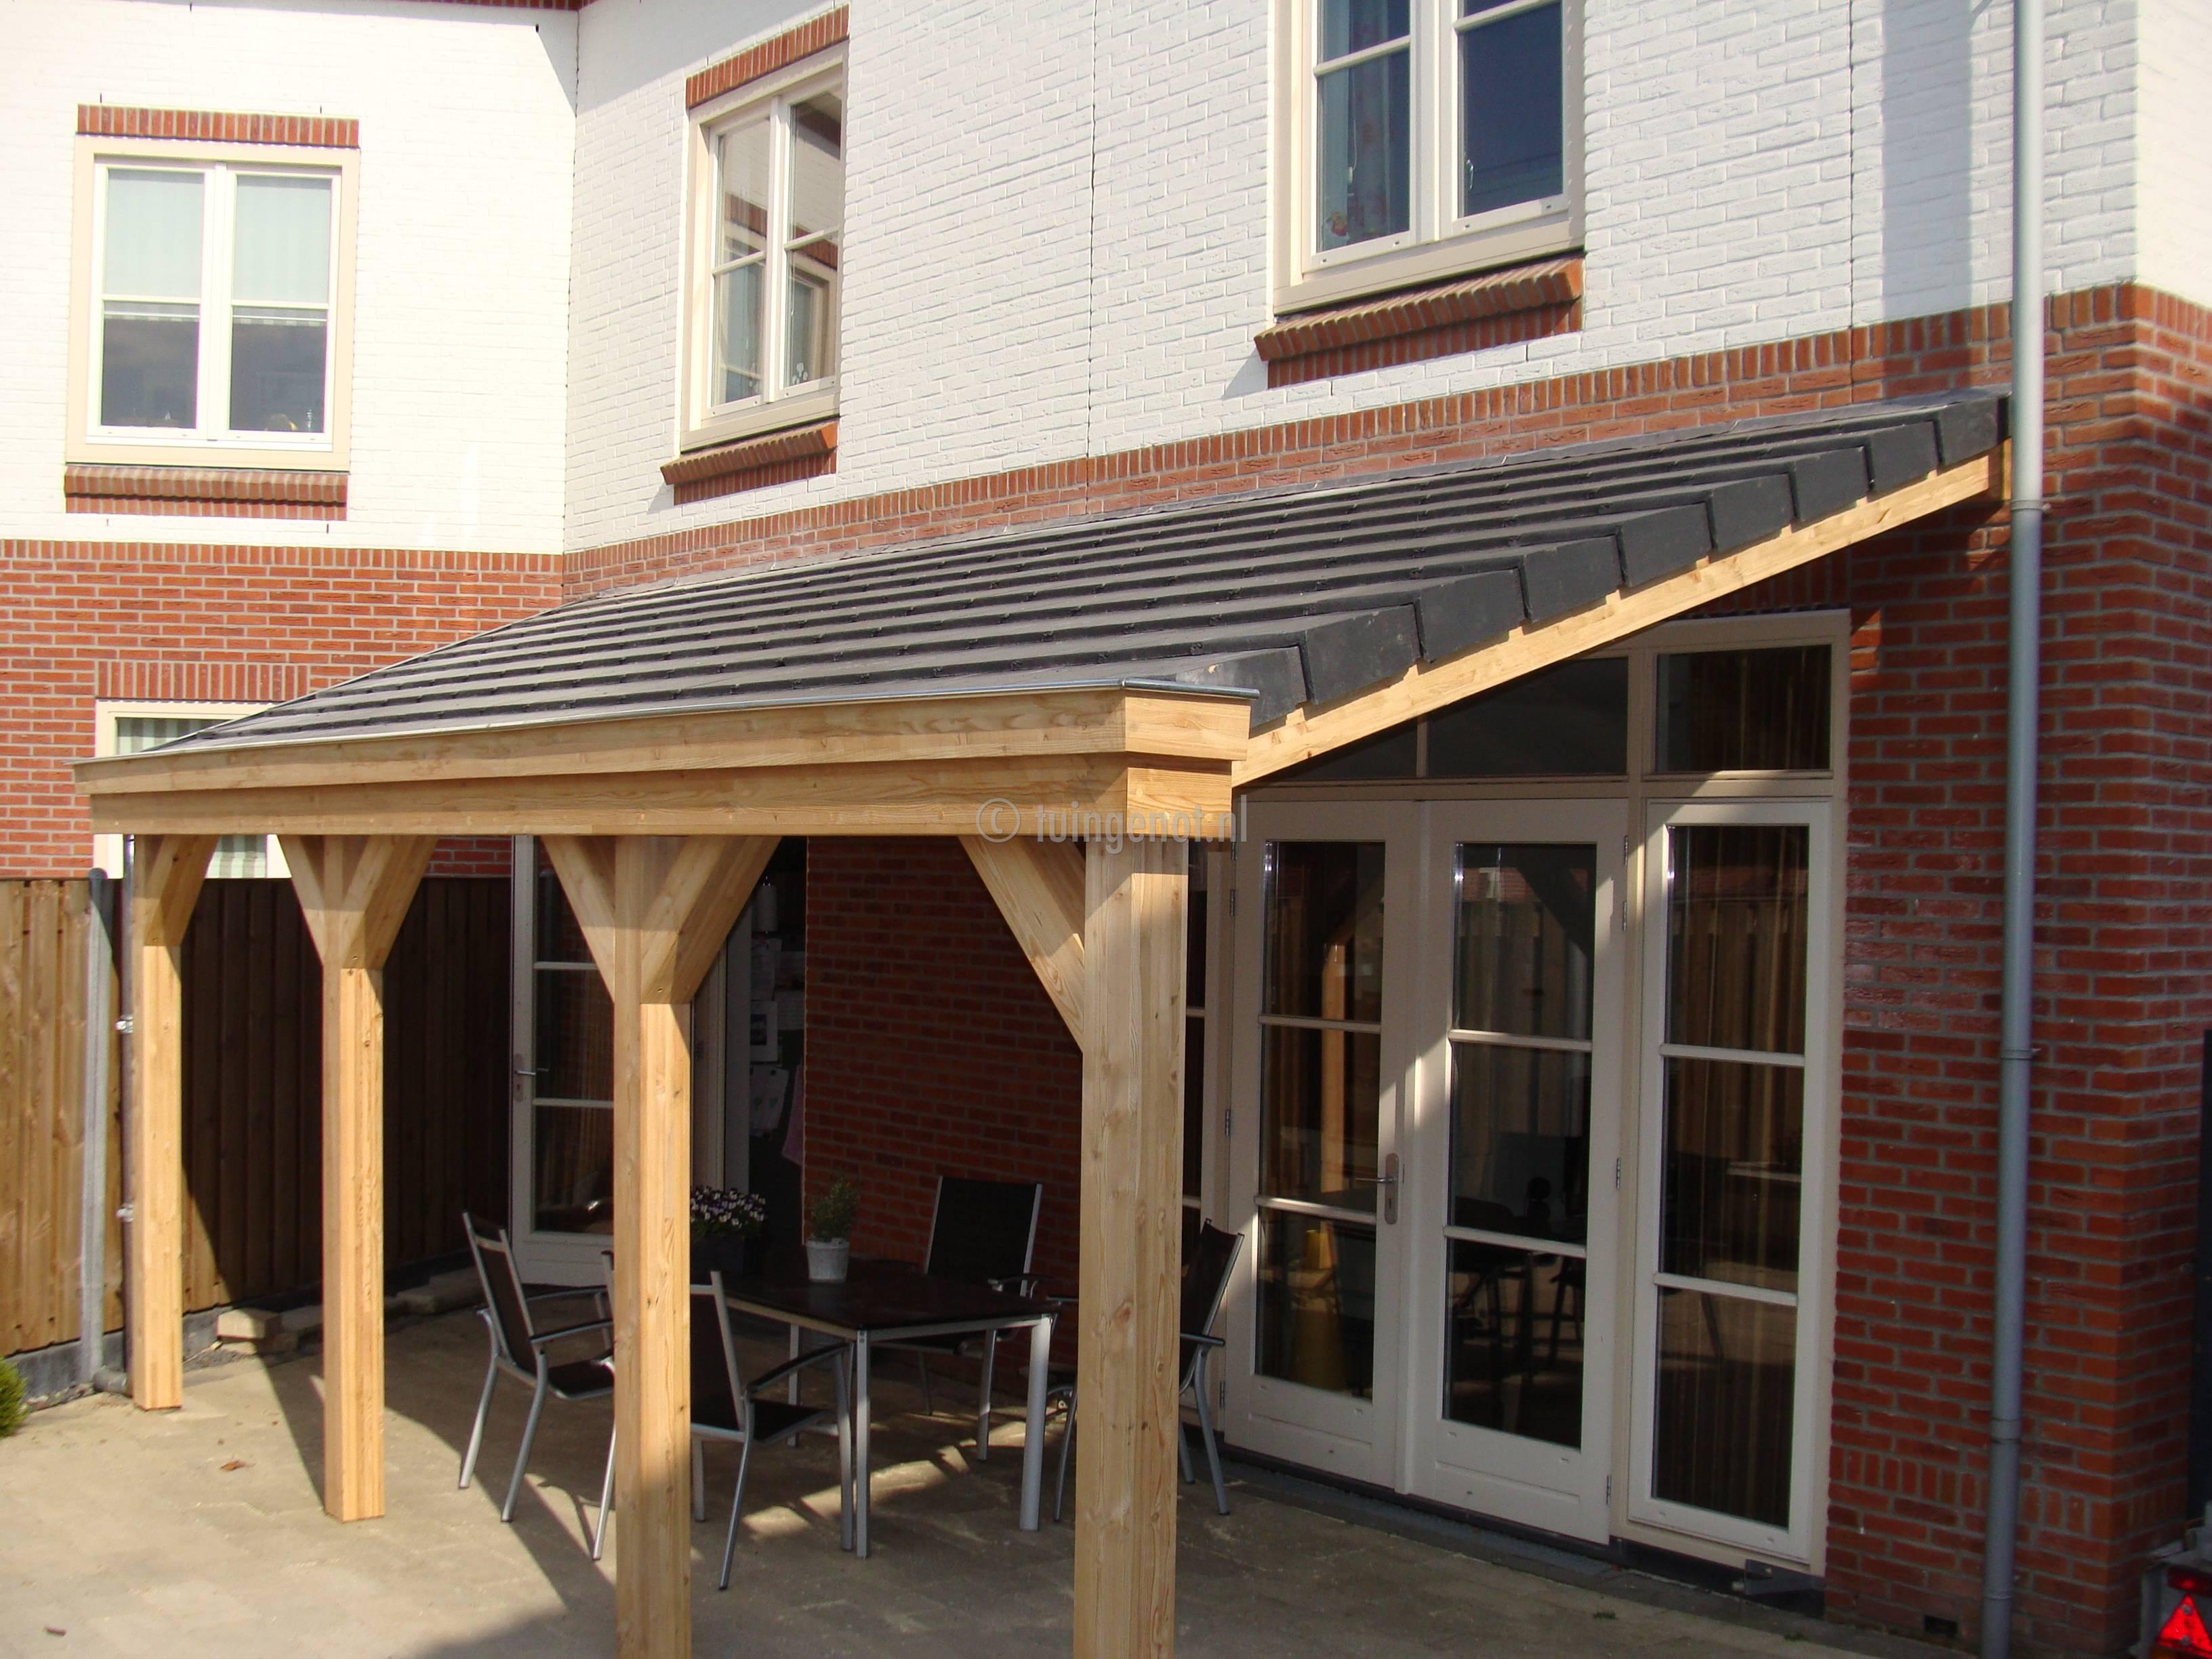 Tuingenot lariks houten veranda overkapping met epdm daksingels polycarbonaat pvc of glazen - Veranda met stenen muur ...